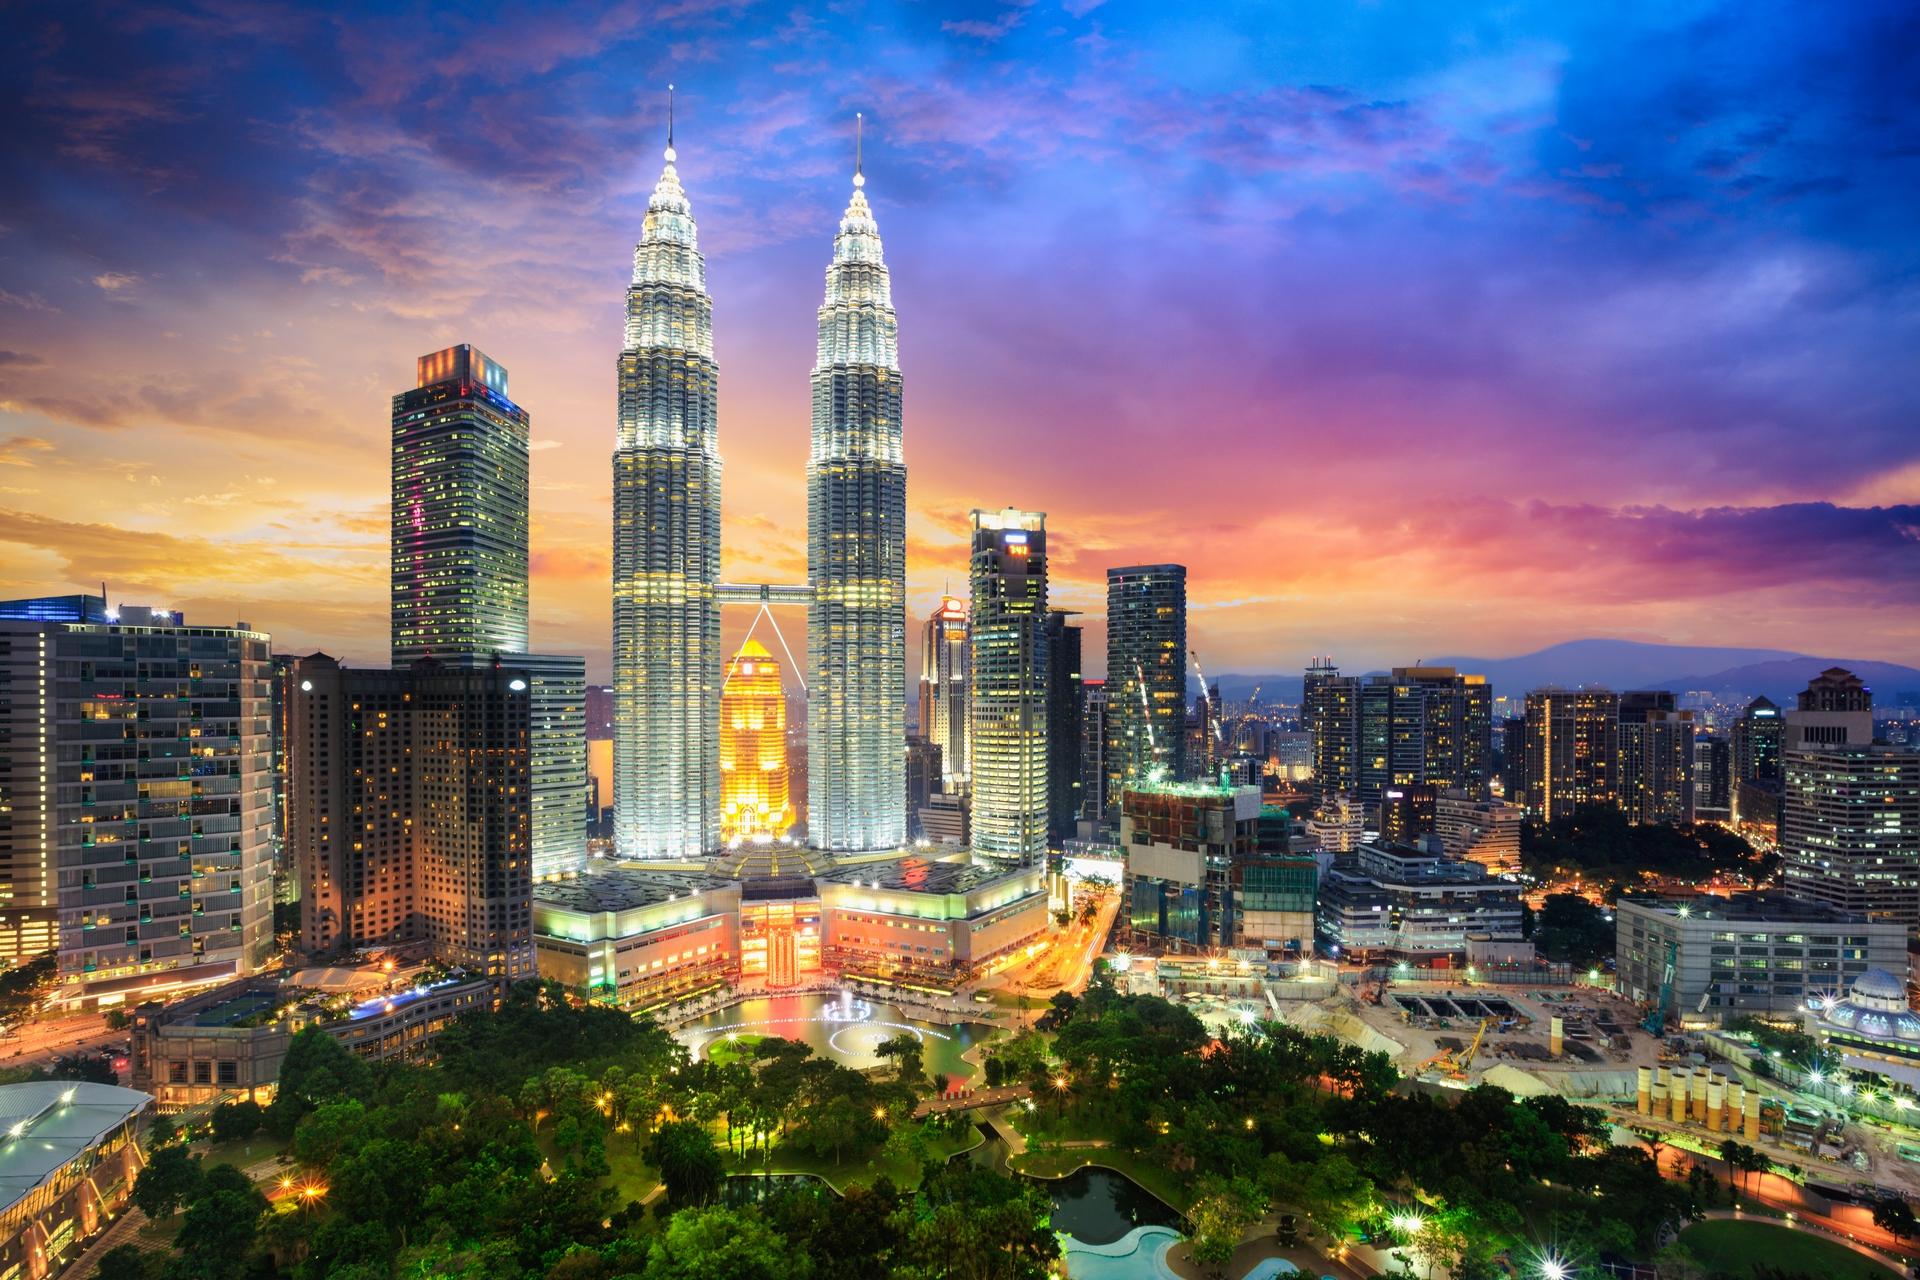 馬來西亞,多元共生的人情味(Sponsored)